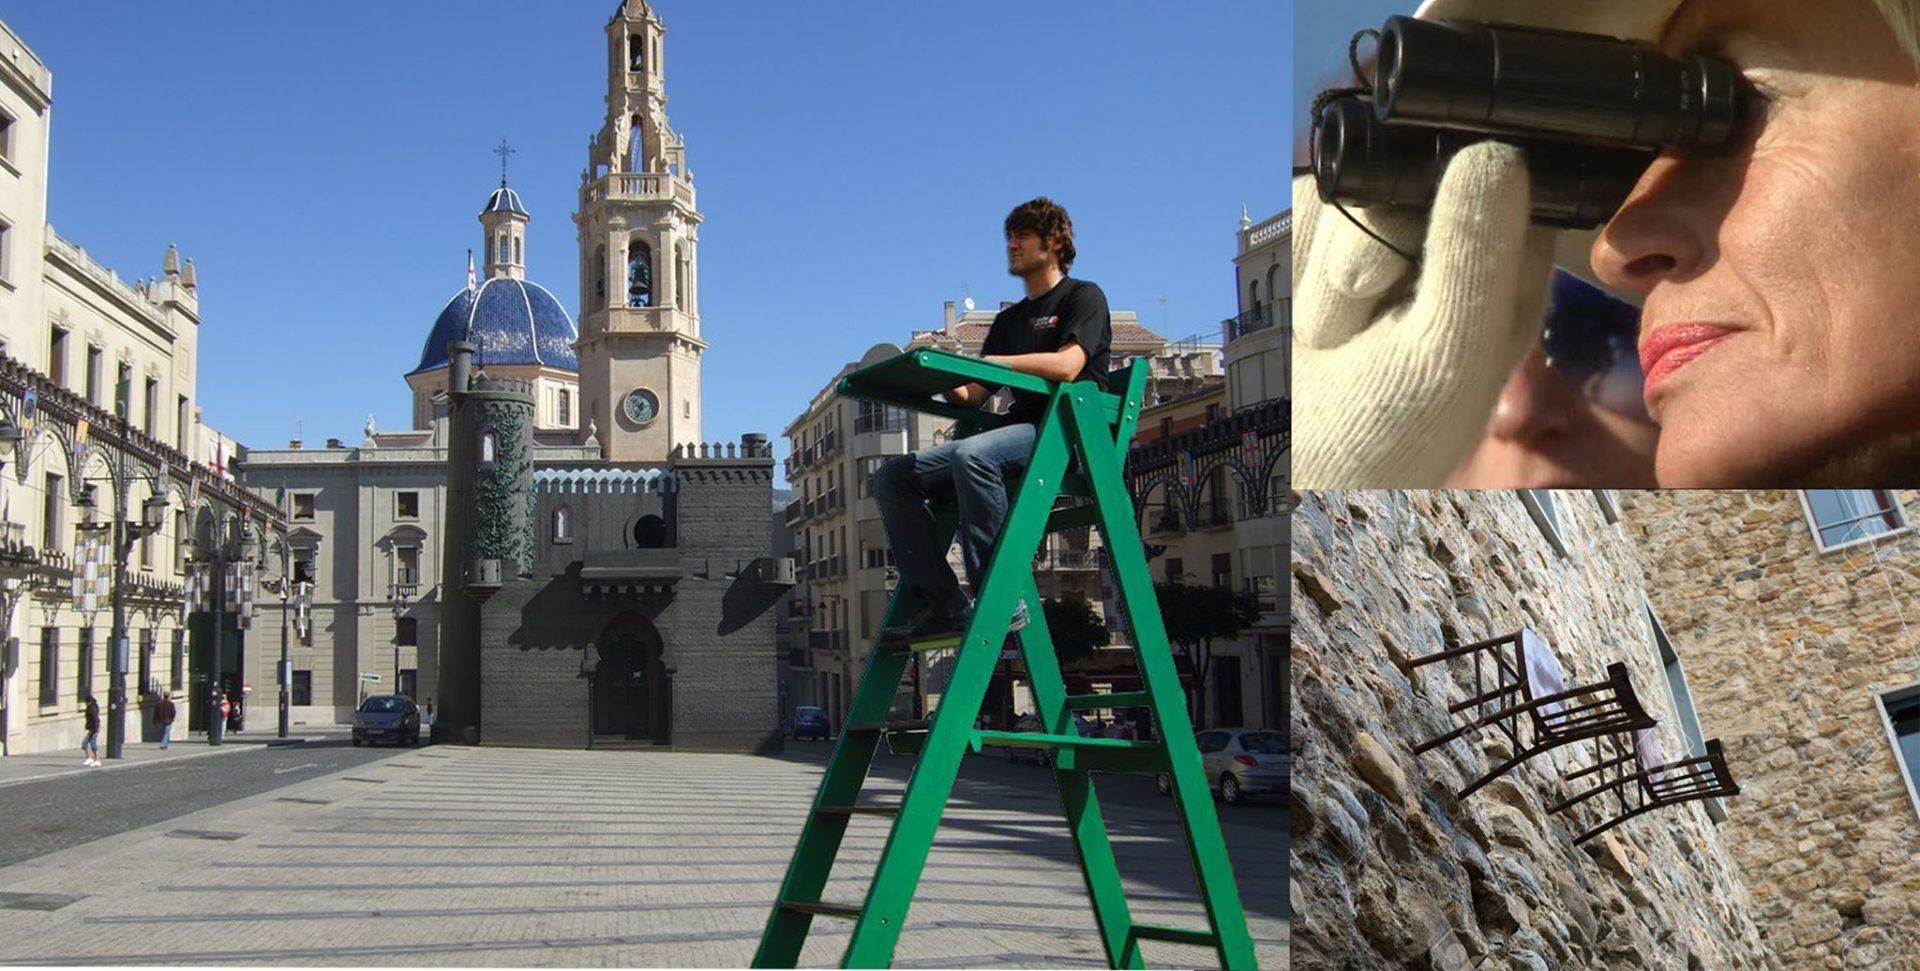 La Asociación y el Ayuntamiento buscan alternativas para aumentar la visibilidad de las sillas de la Plaza